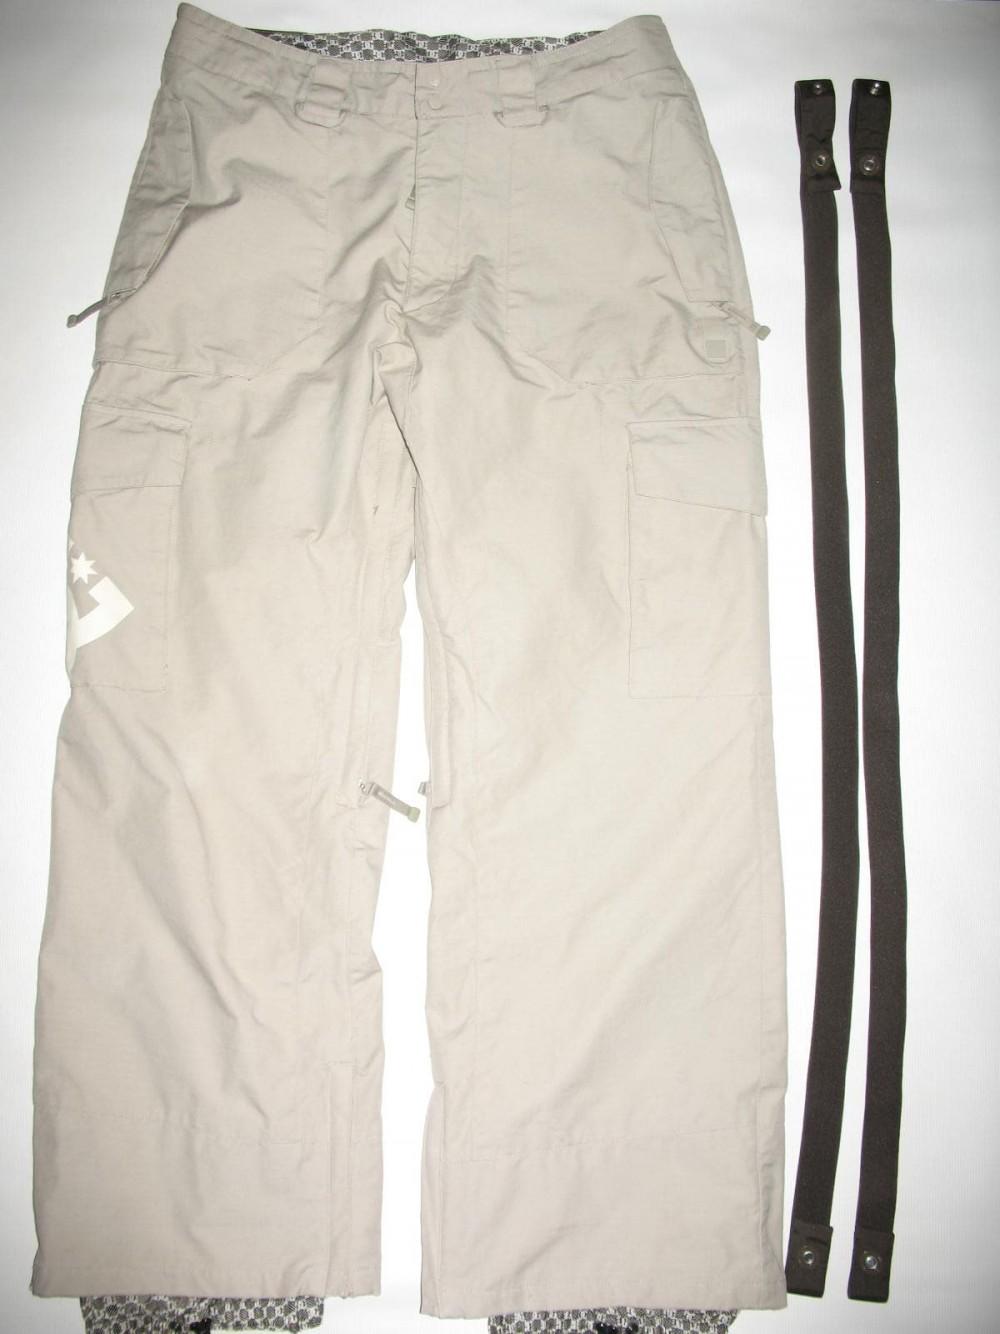 Штаны DC banshee-r snowboard pants (размер L) - 1